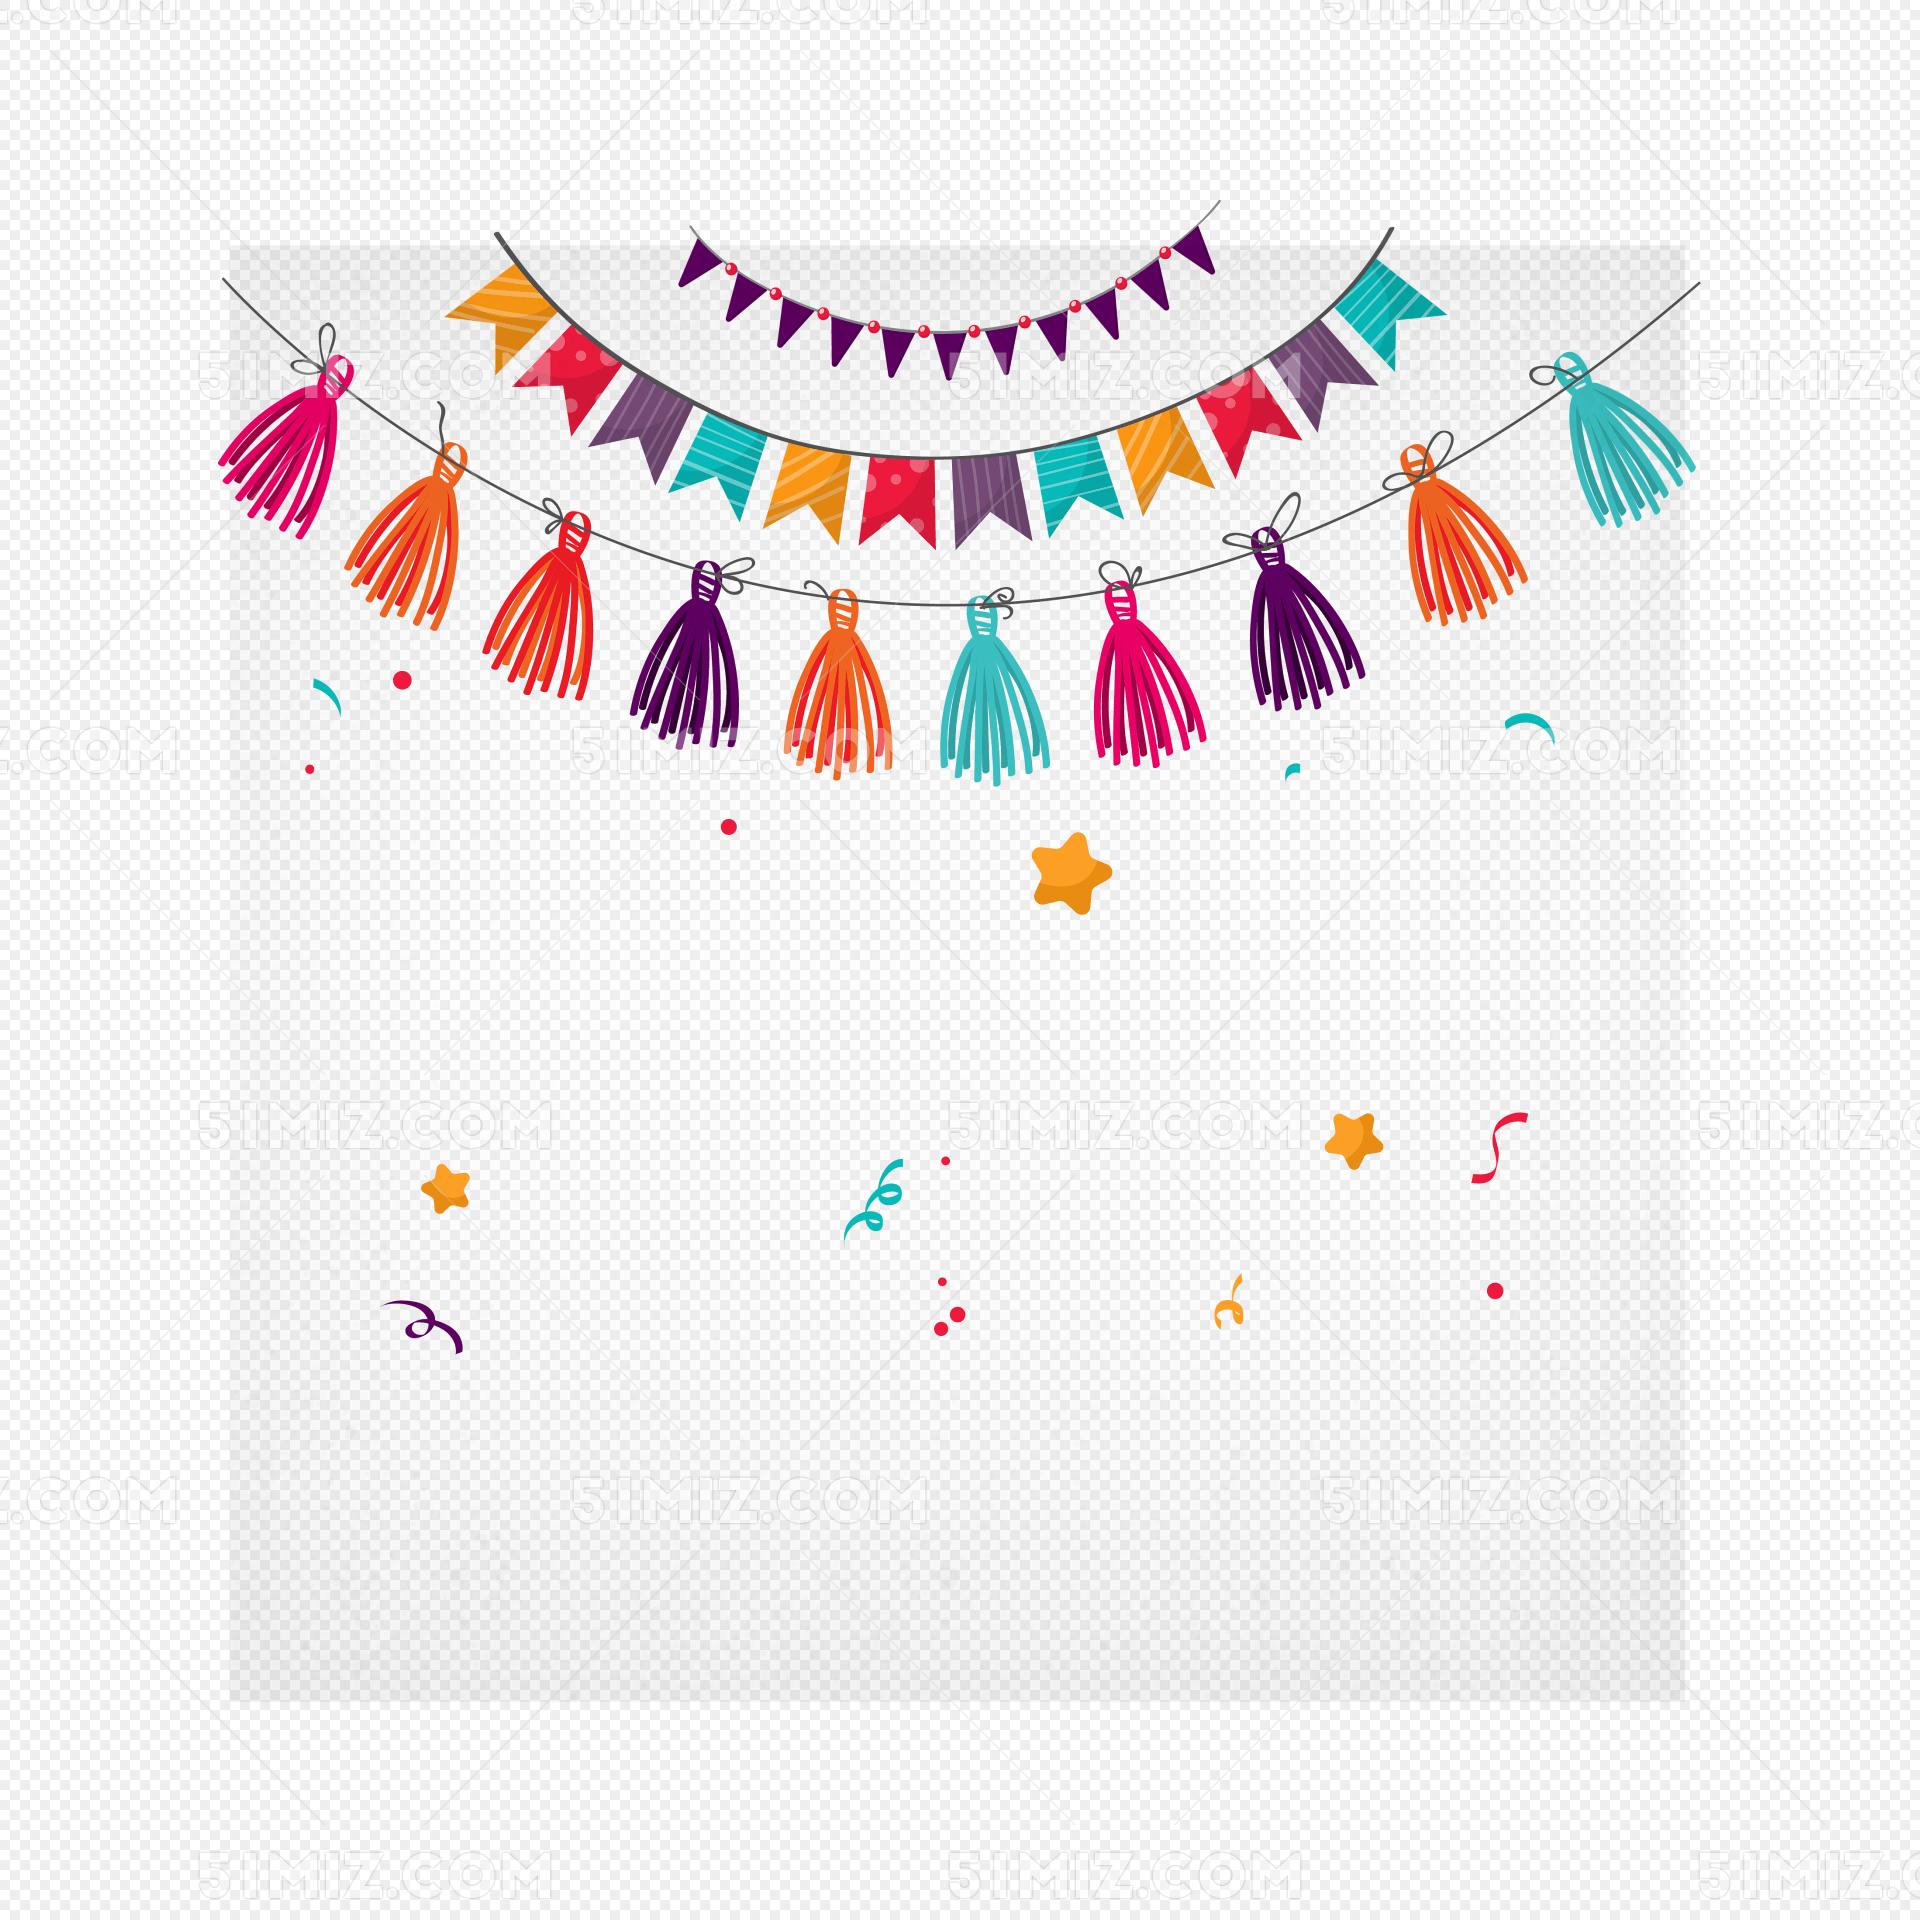 彩色庆祝彩带免费下载_png素材_觅知网